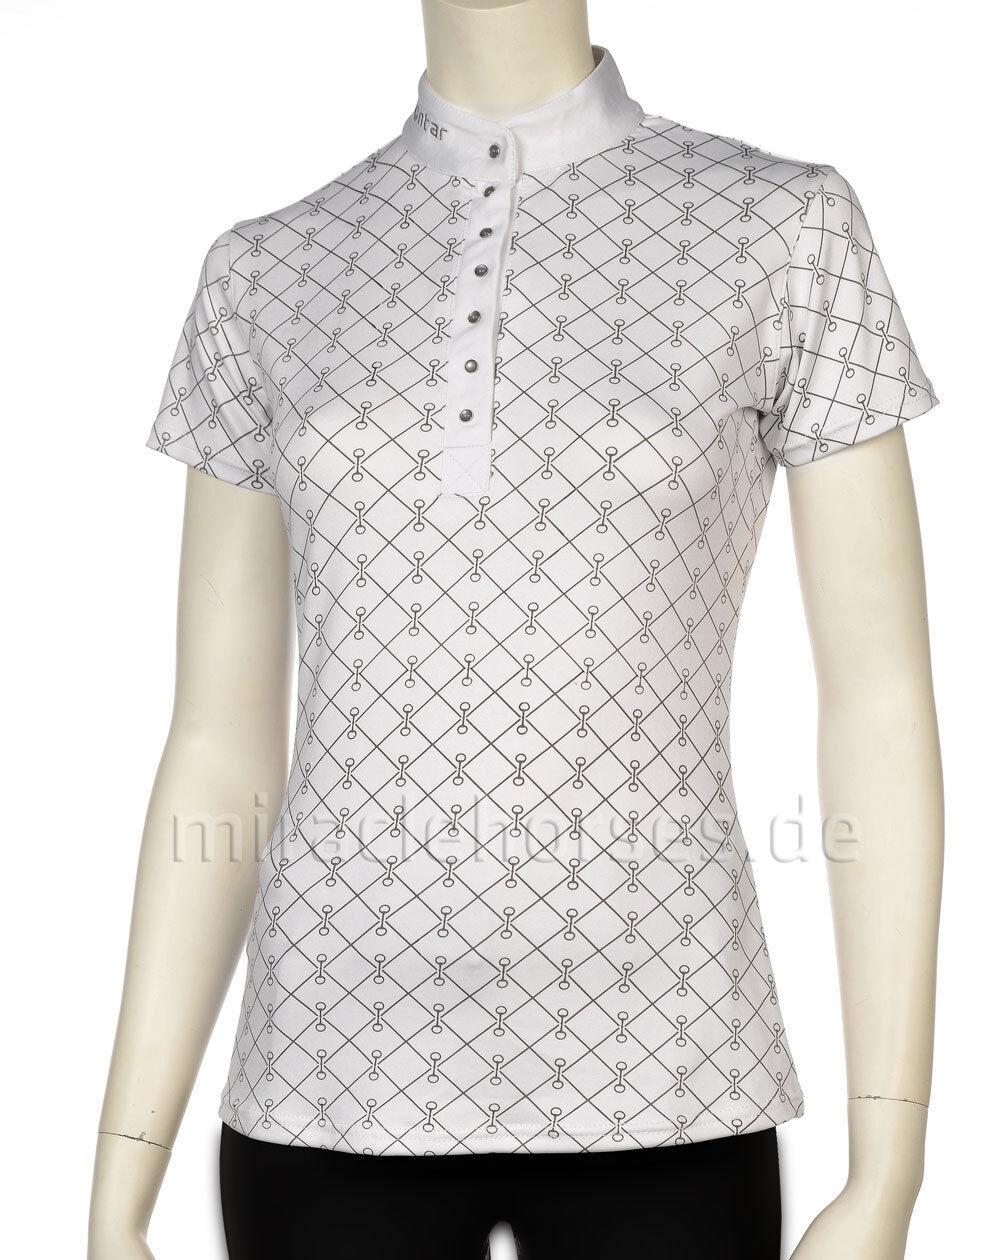 Montar® Damen Turniershirt Dawn Weiß Weiß Weiß grau weiß grau Gr. M 1fc8c0